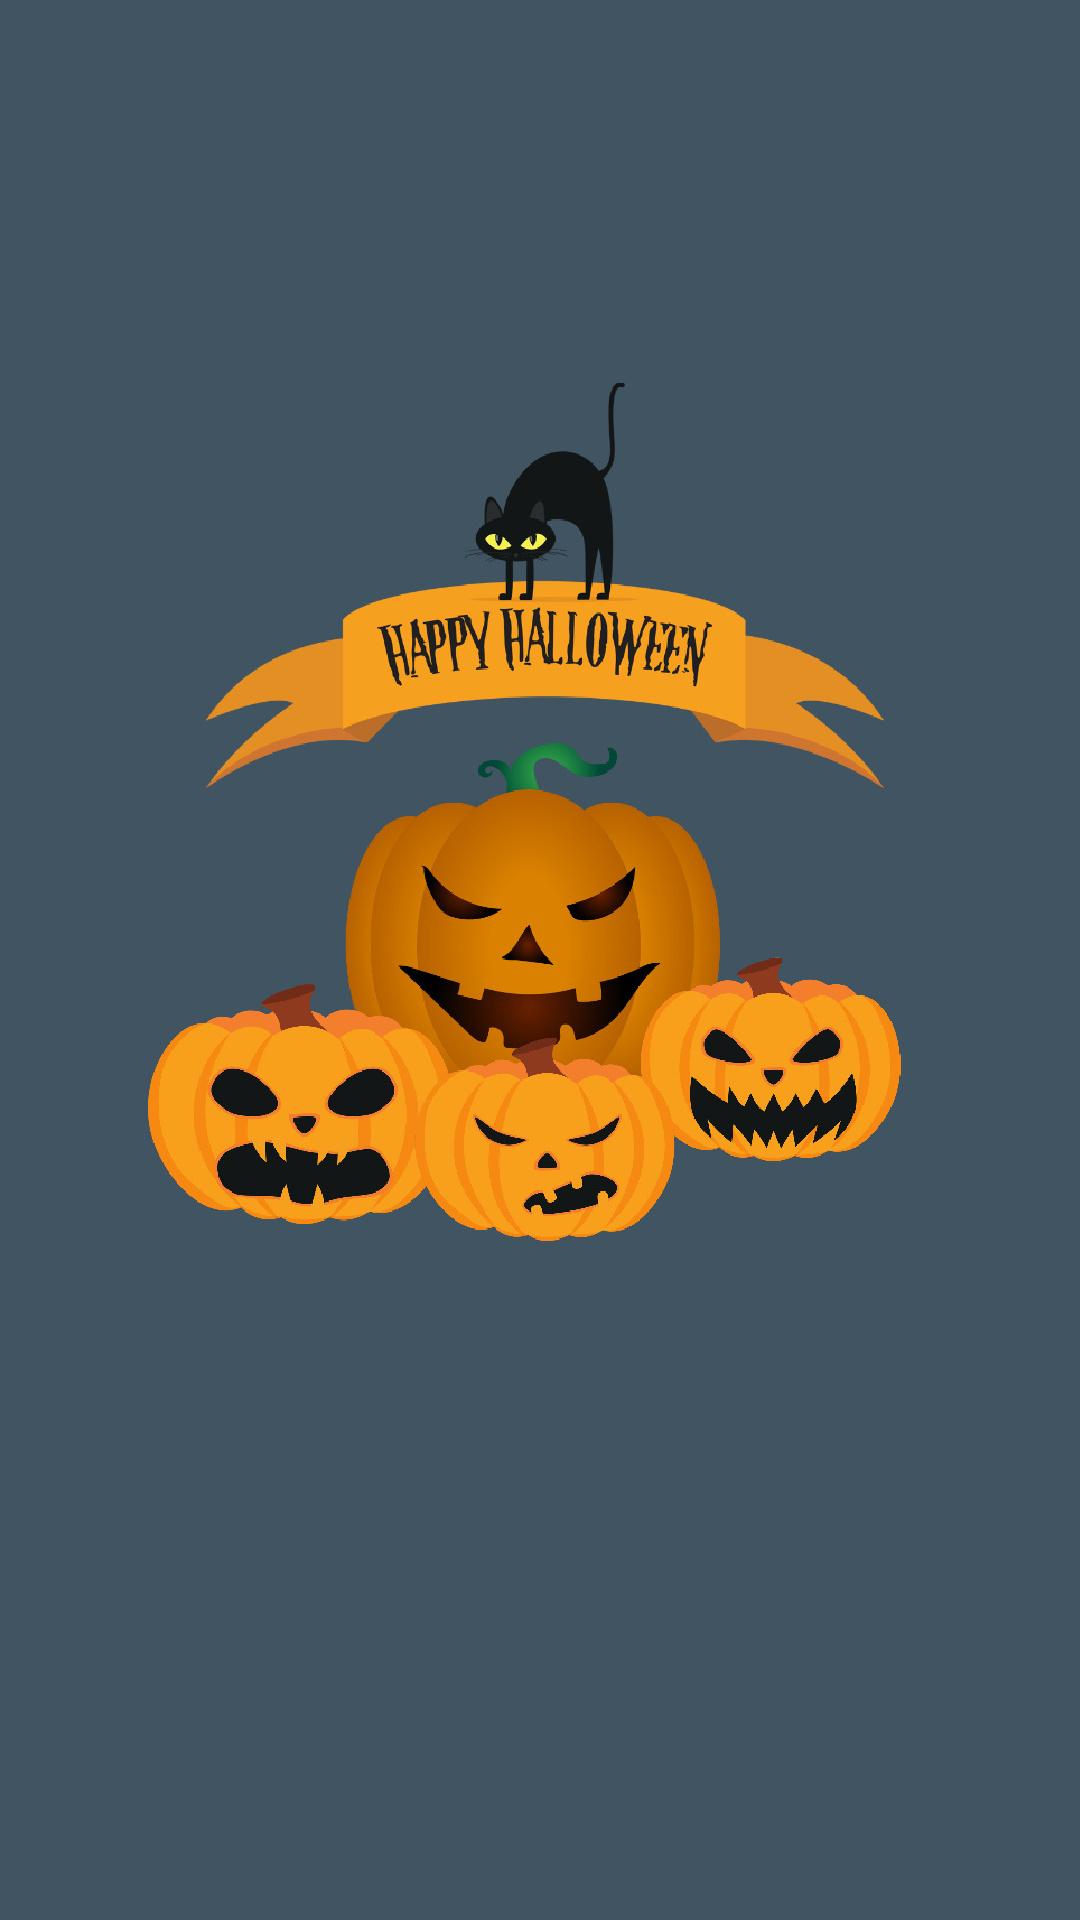 万圣节Halloween高清4K壁纸,壁纸尺寸1080*1920